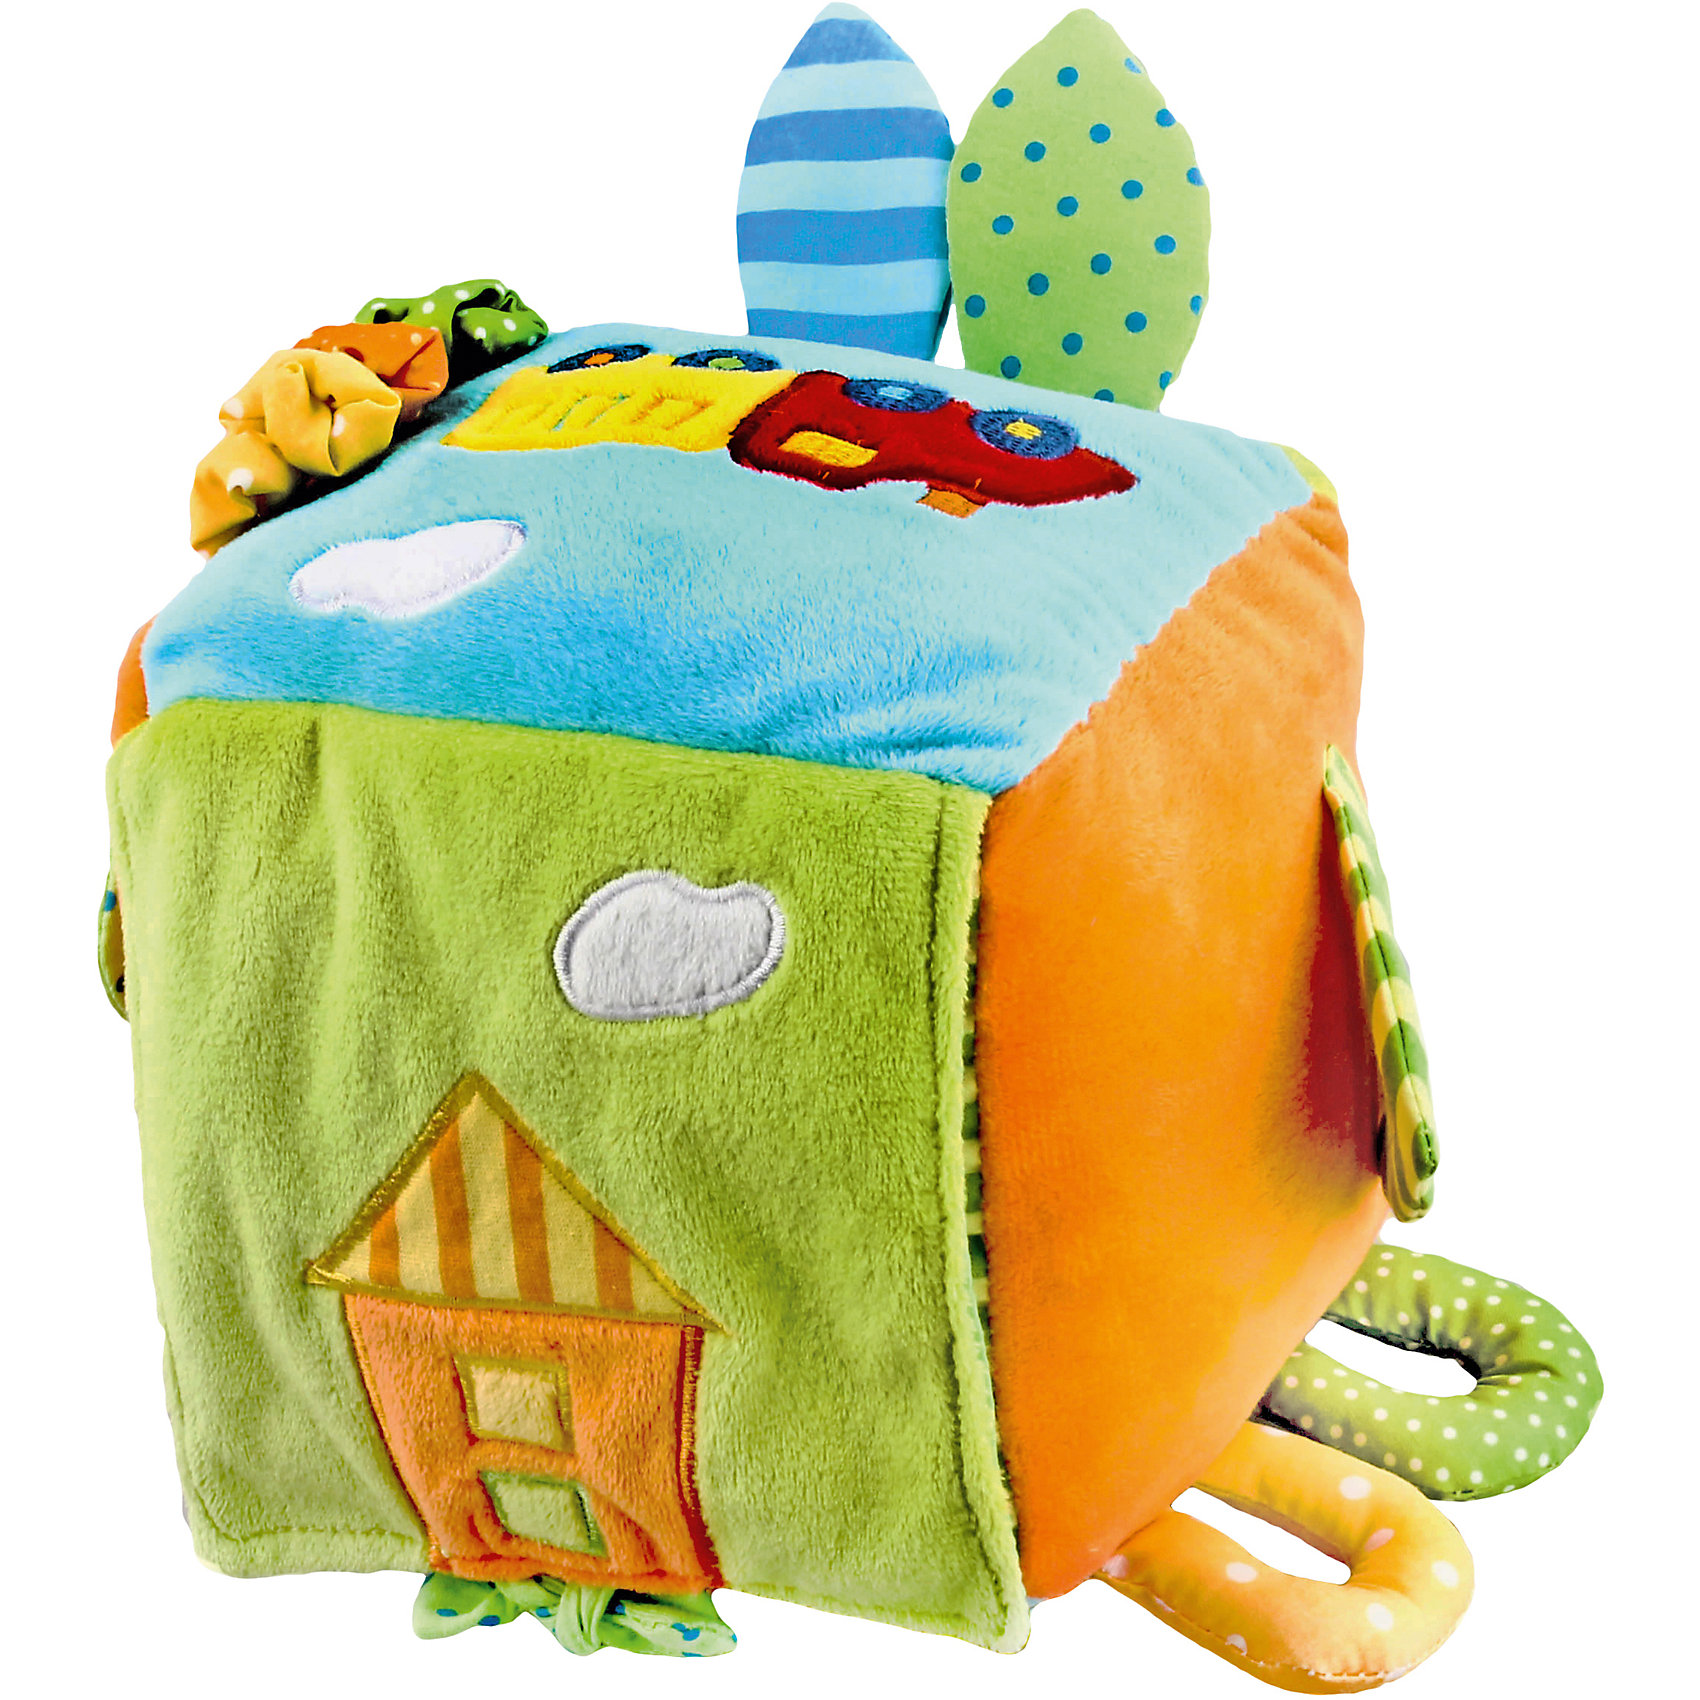 Развивающая игрушка Куб Поезд, ЖирафикиИгрушки для малышей<br>Развивающие игрушки должны быть у каждого малыша. Такие игрушки будут не только развивать способности малыша во время веселой игры, но и радовать глаз, потому что современные развивающие модели красивые и обладают стильным дизайном. Новая игрушка «Куб Поезд» - мягкая игрушка, которая издает звуки, ели ее потрясти. Есть завязочки, которые развивают тактильные ощущения. Тренирует слух и улучшает мелкую моторику малыша. Материалы, использованные при изготовлении товара, абсолютно безопасны и отвечают всем международным требованиям по качеству.<br><br>Дополнительные характеристики:<br><br>материал: текстиль;<br>цвет: разноцветный;<br>габариты: 20 X 16 X 30 см.<br><br>Развивающую игрушку  Куб Поезд от компании Жирафики можно приобрести в нашем магазине.<br><br>Ширина мм: 620<br>Глубина мм: 720<br>Высота мм: 560<br>Вес г: 264<br>Возраст от месяцев: 3<br>Возраст до месяцев: 36<br>Пол: Унисекс<br>Возраст: Детский<br>SKU: 5032560